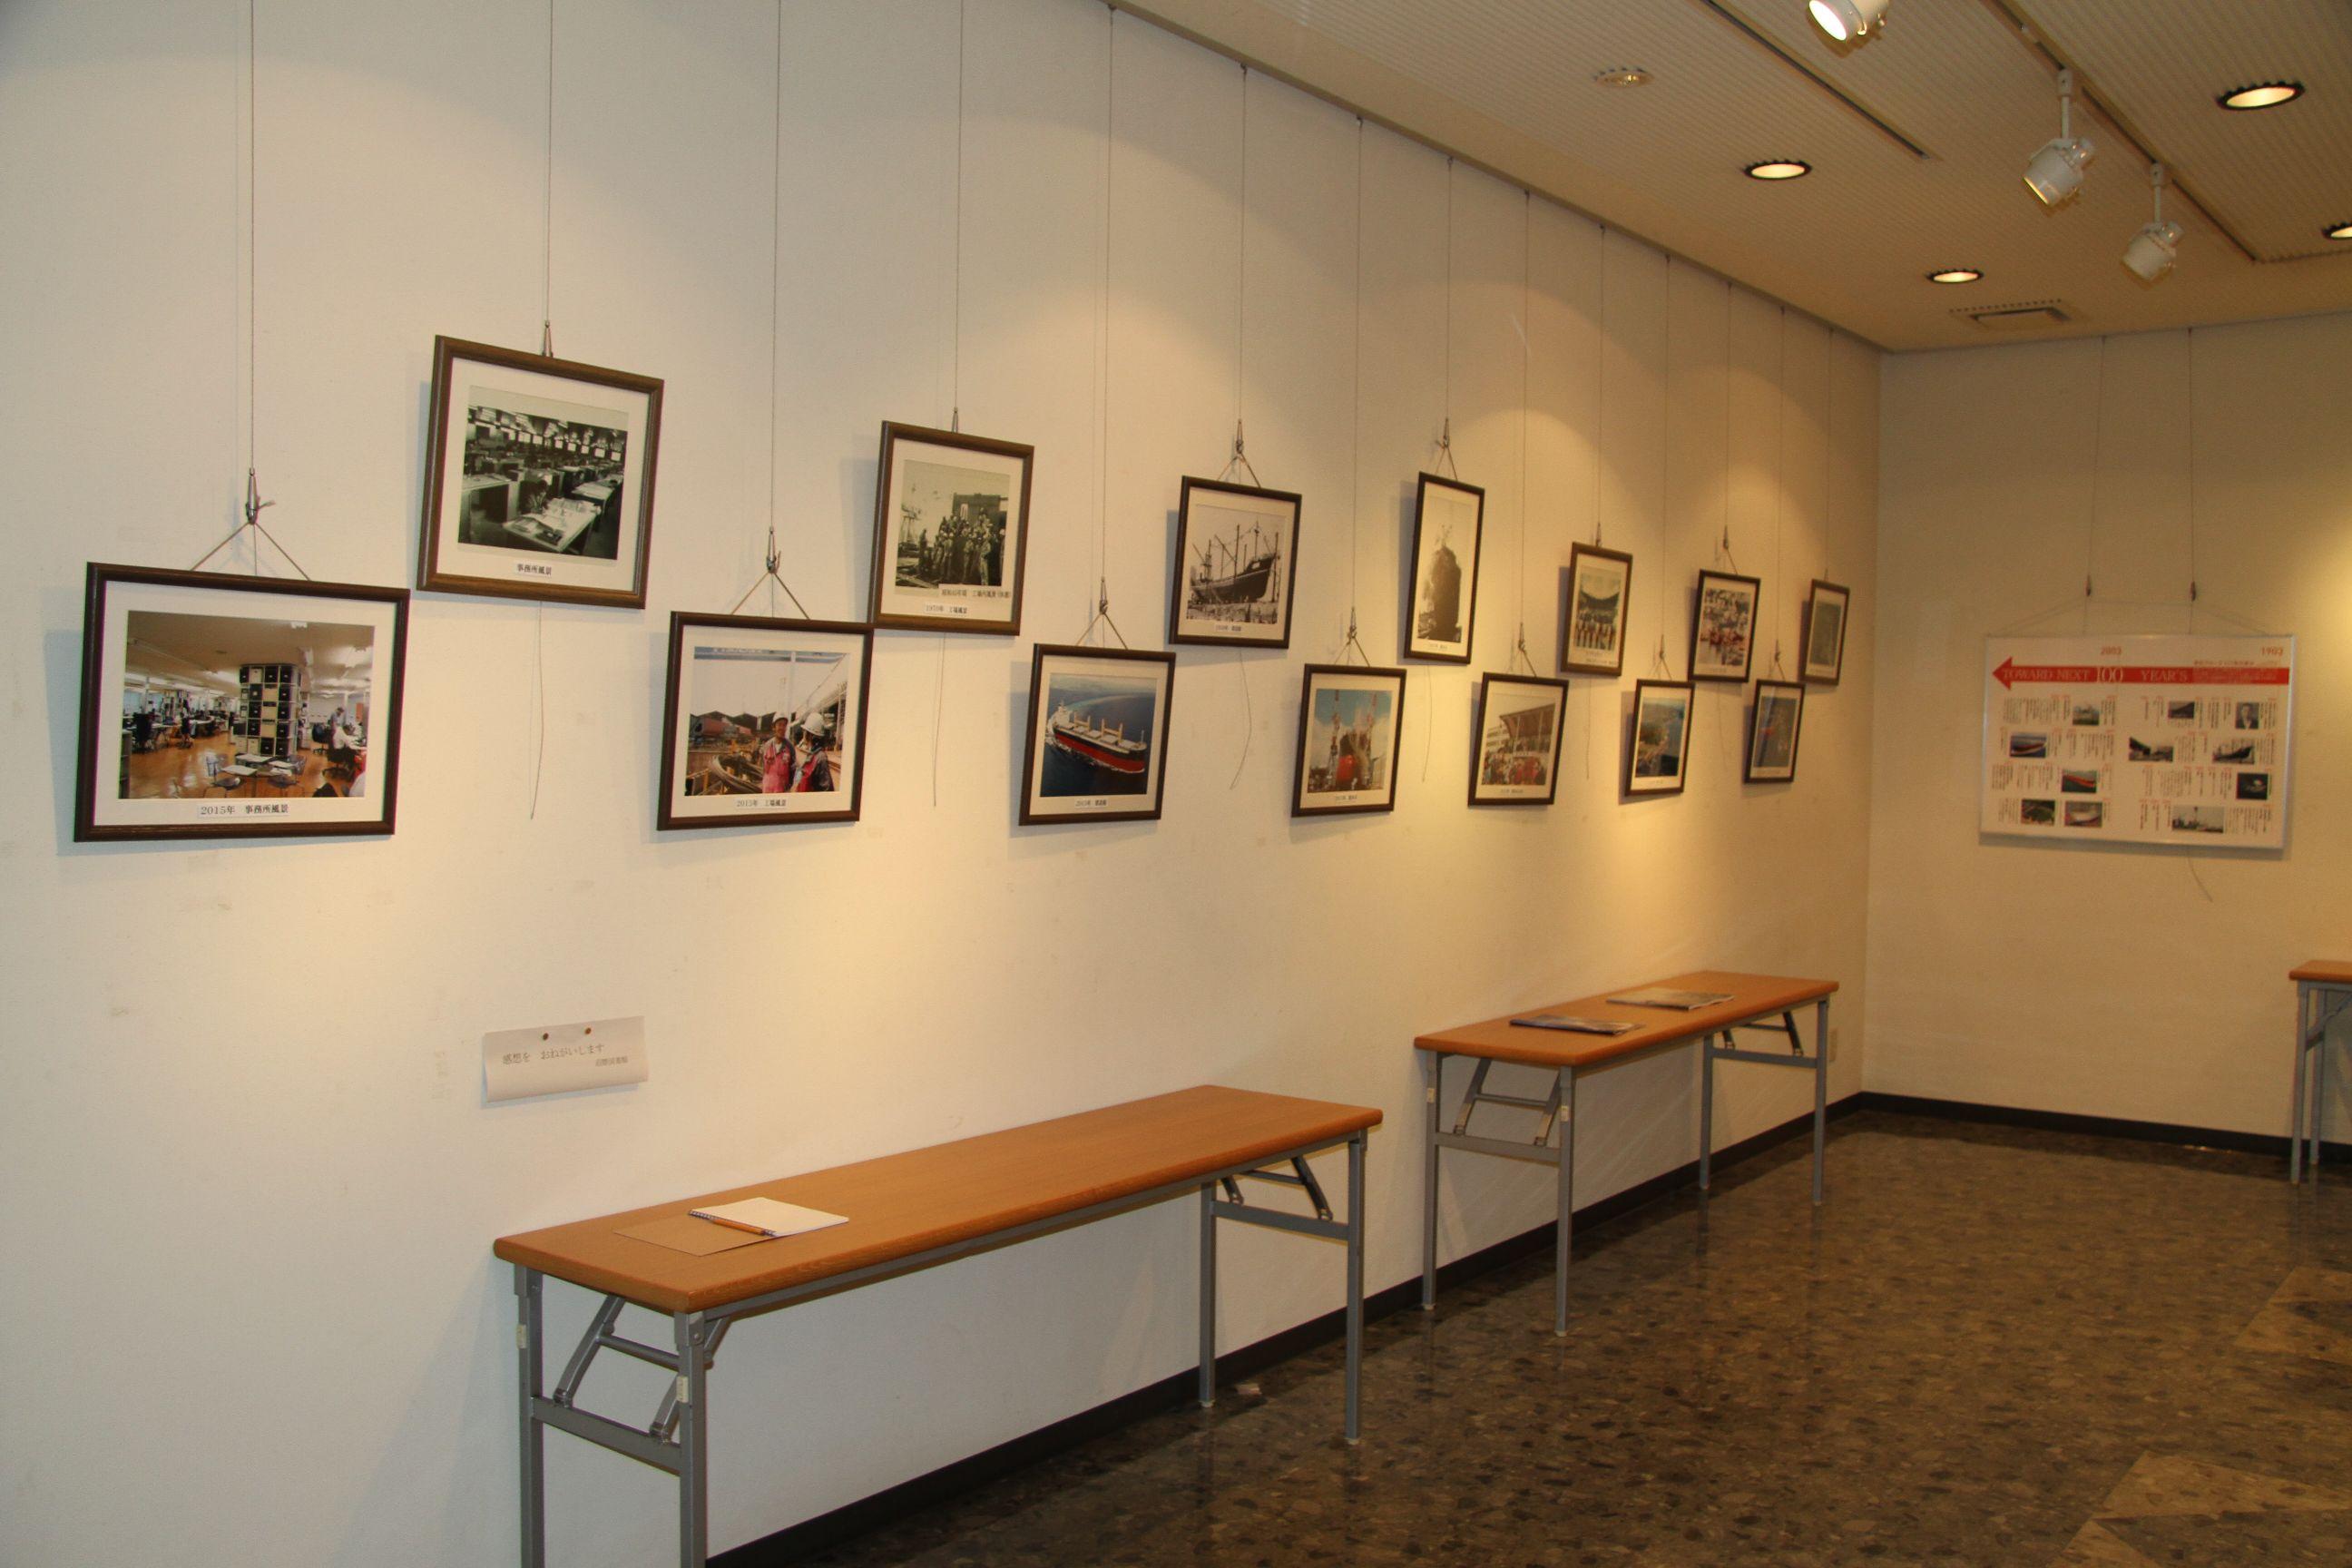 福山市沼隈図書館の企画展「造船・日本が誇るものづくり」に常石造船が協力